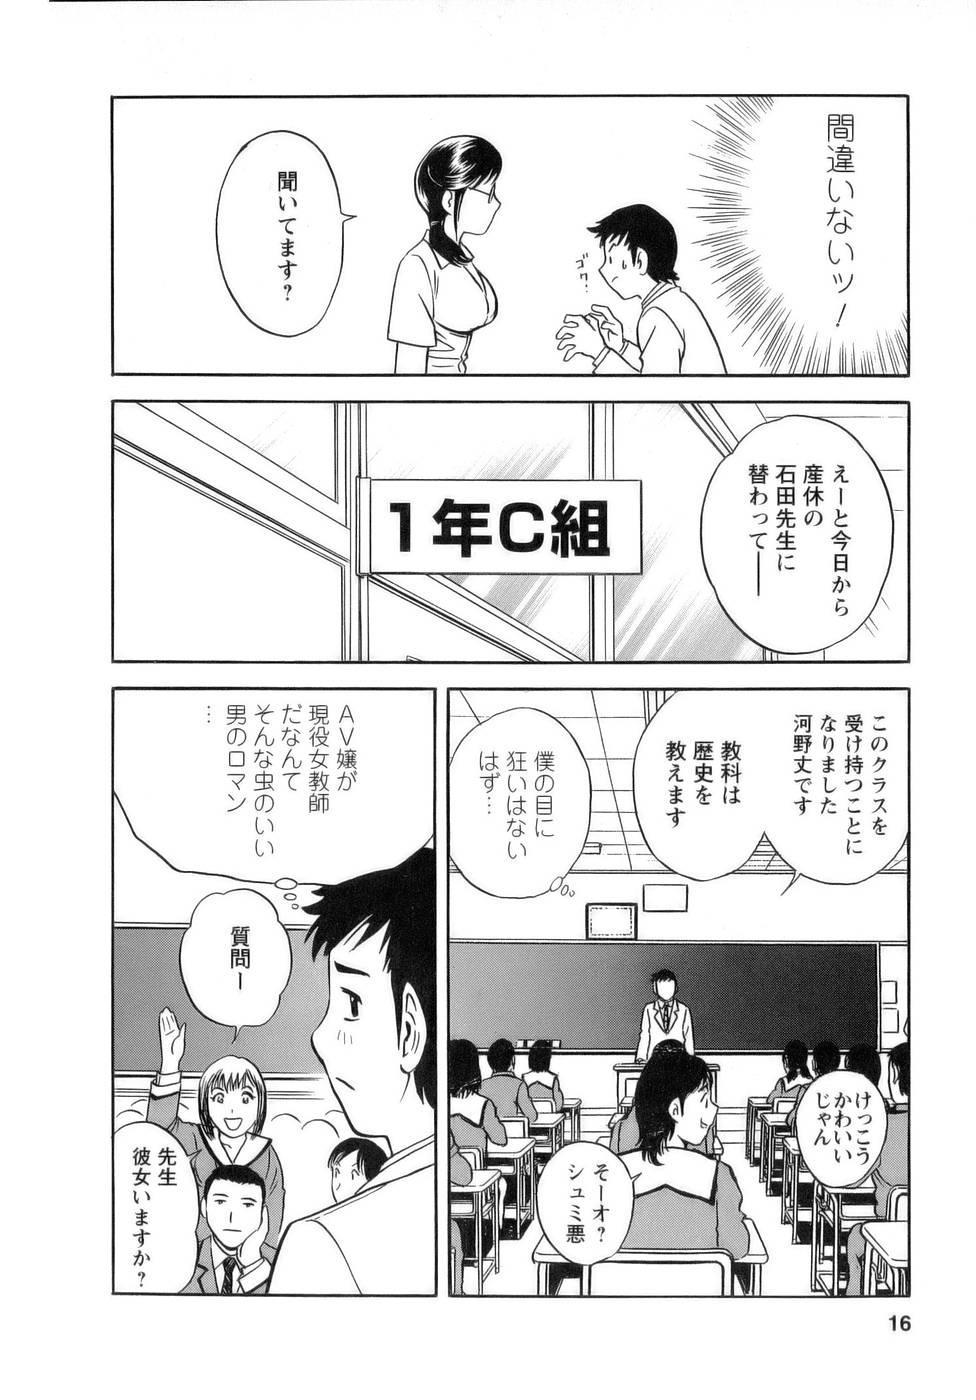 [Hidemaru] Mo-Retsu! Boin Sensei (Boing Boing Teacher) Vol.1 16